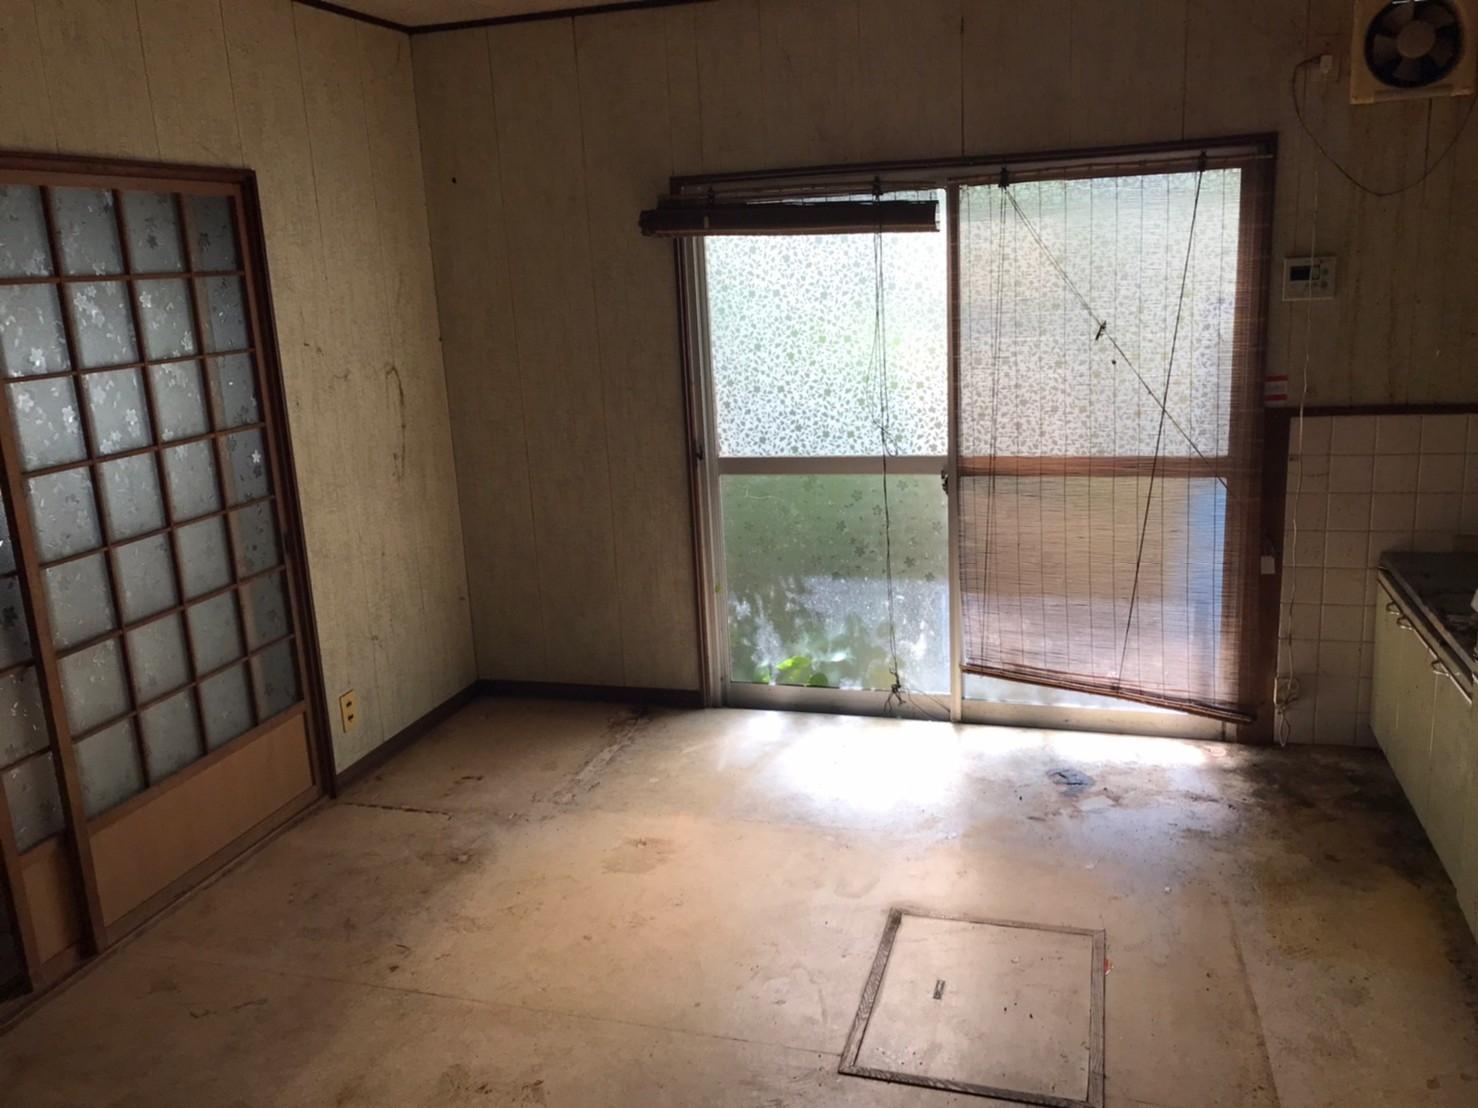 福山市 台所 お片付け 整理(別角度)